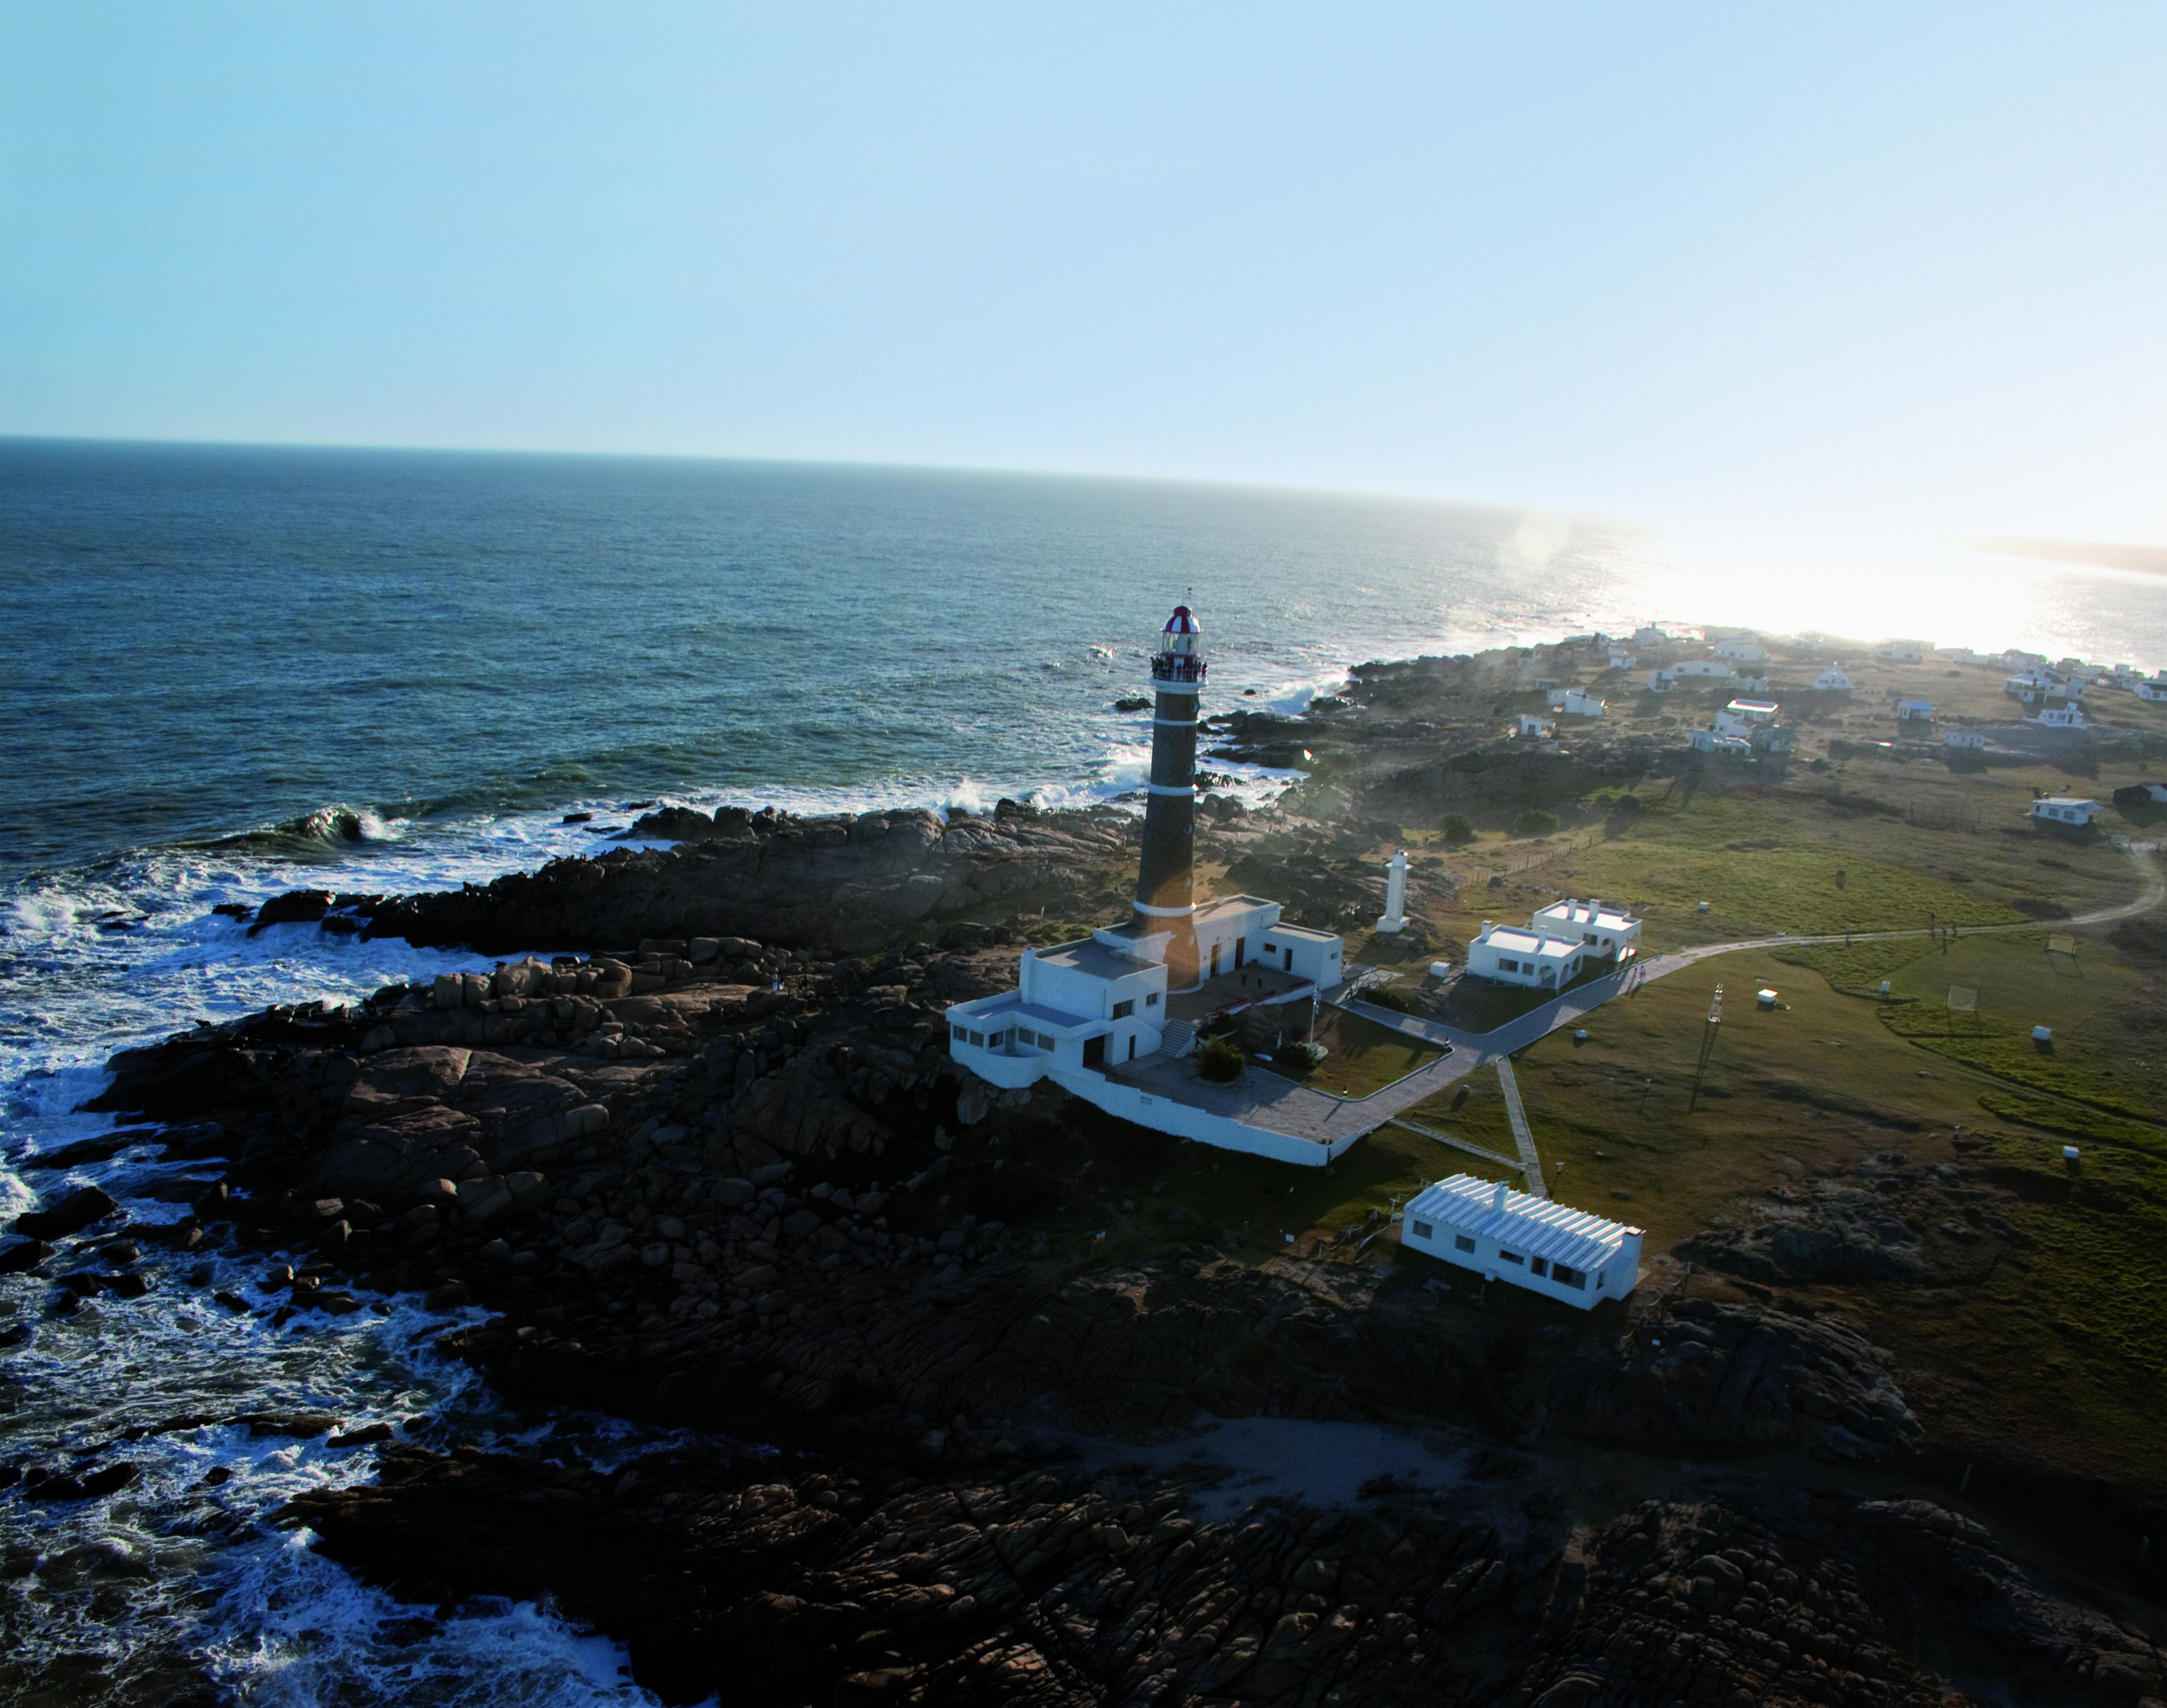 5 praias uruguaias para conhecer neste verão